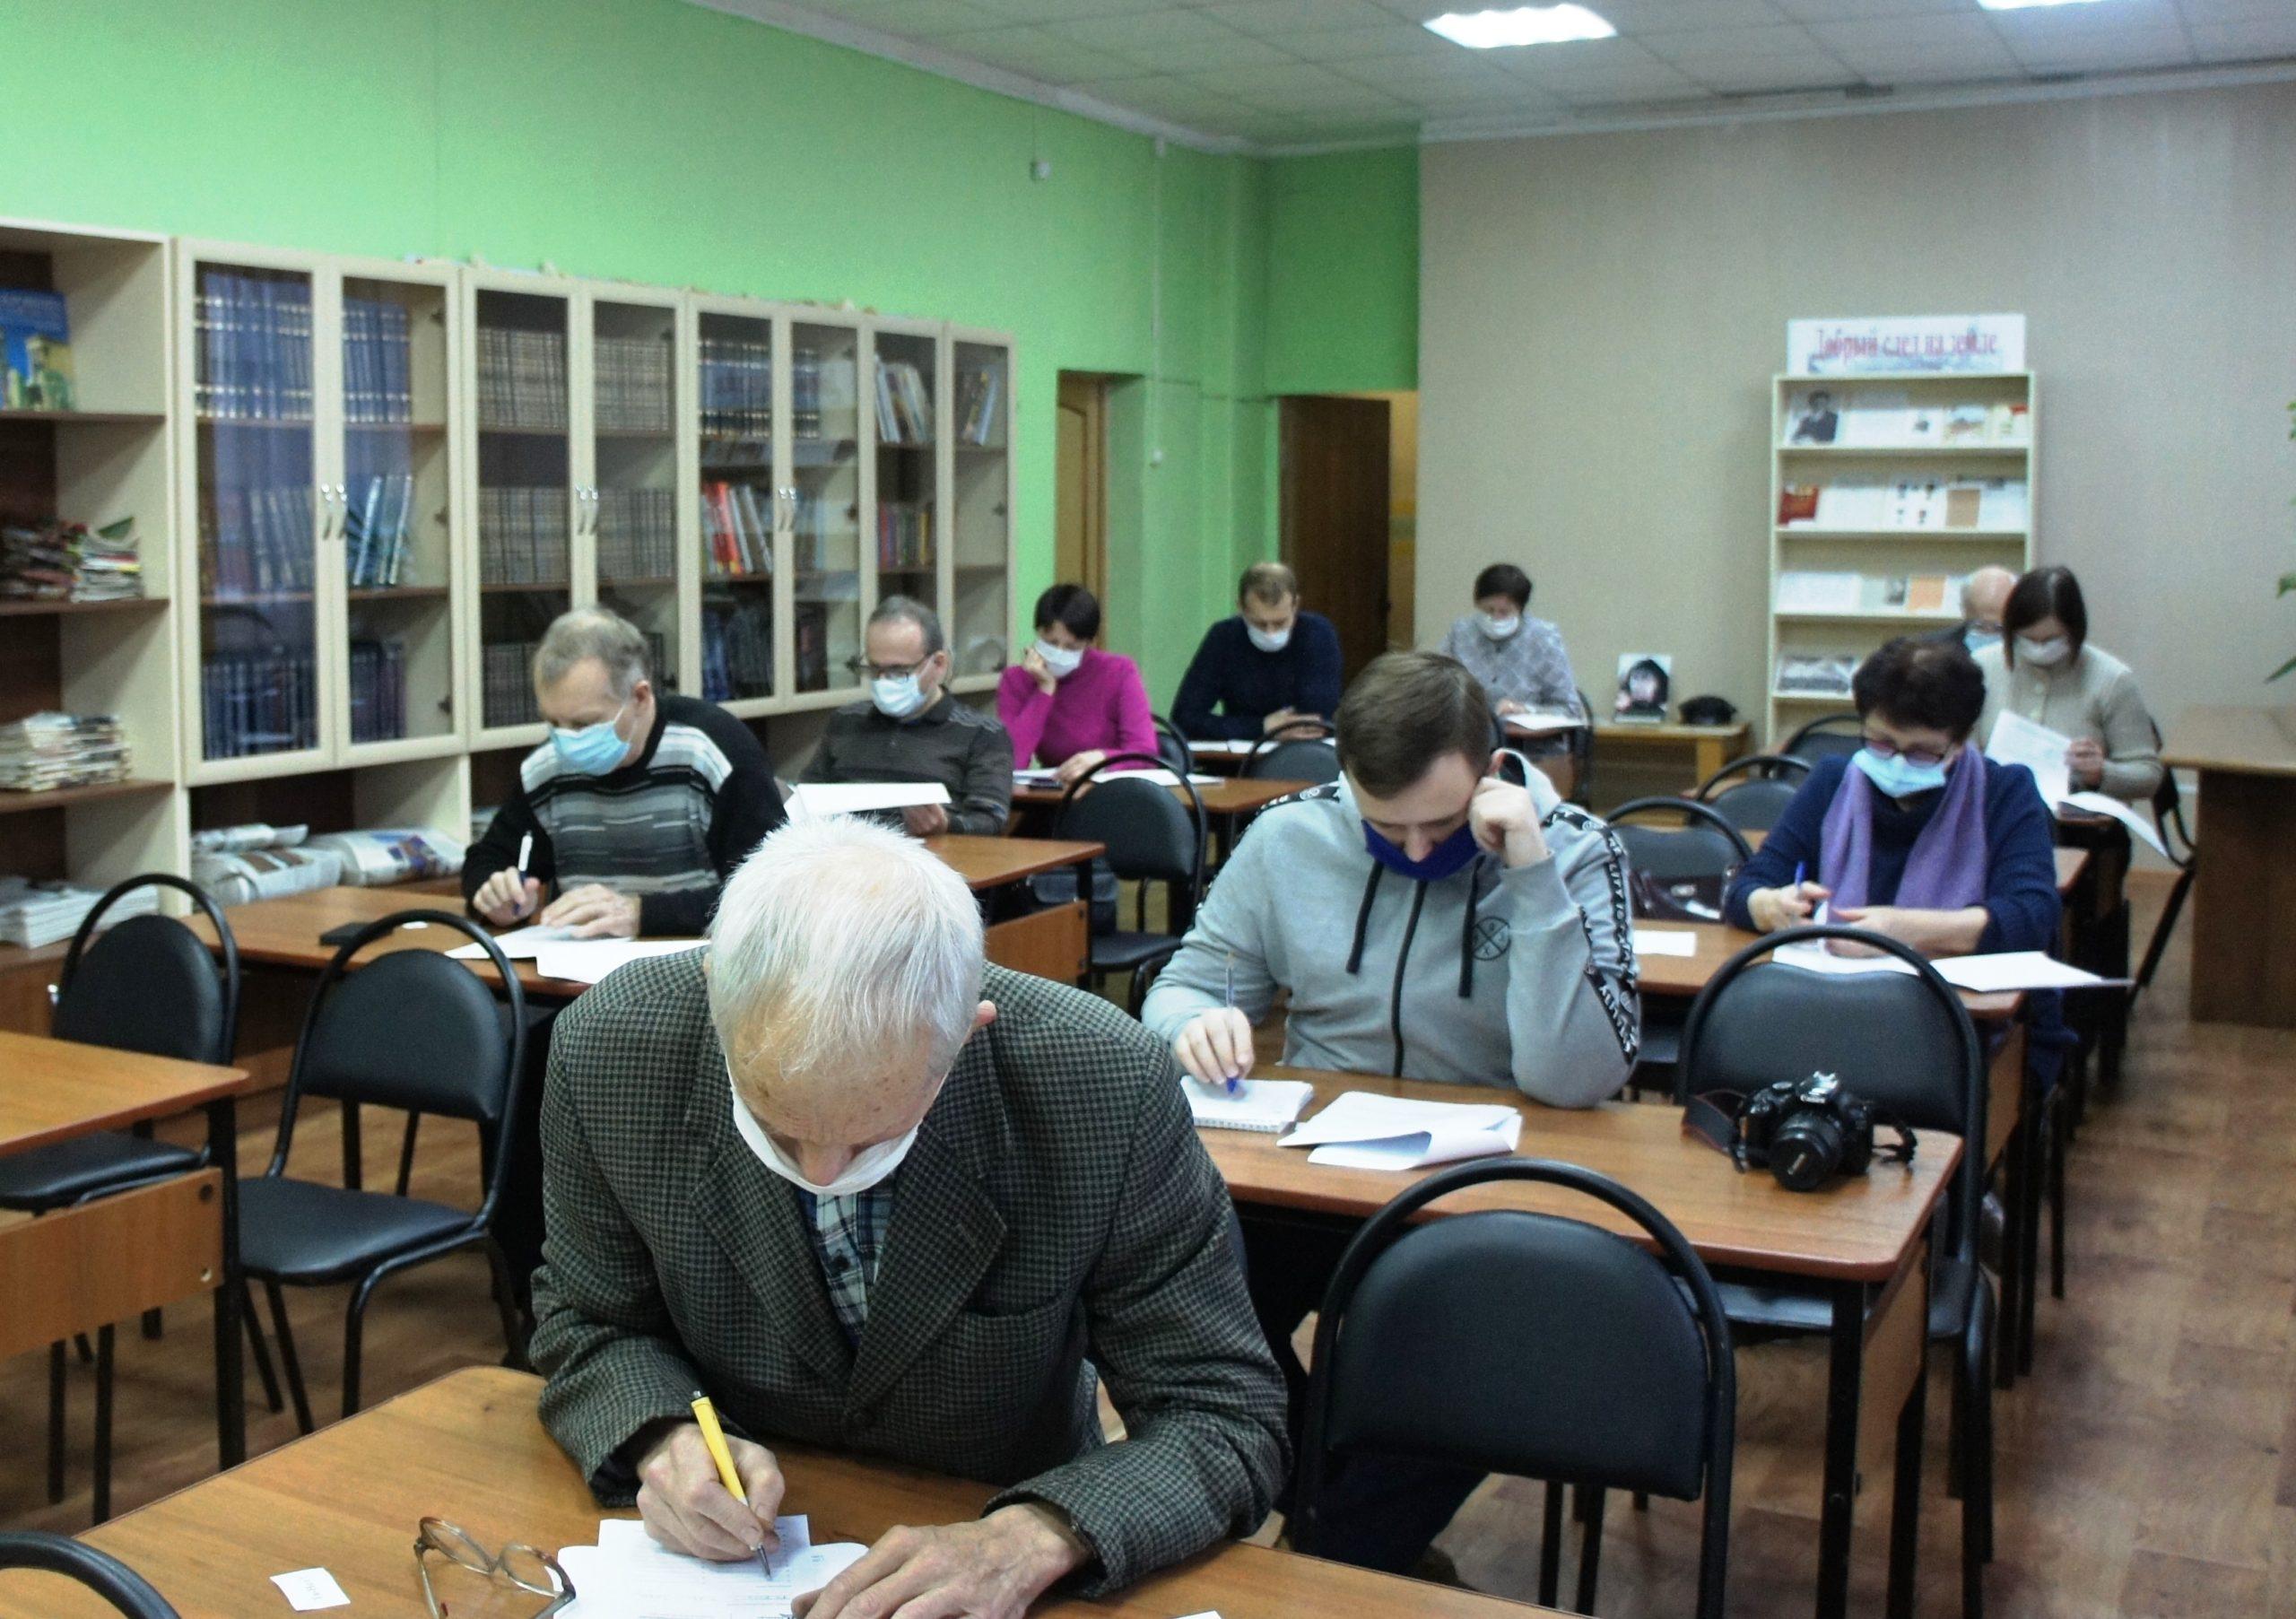 Жители Нелидово приняли участие в краеведческом диктанте